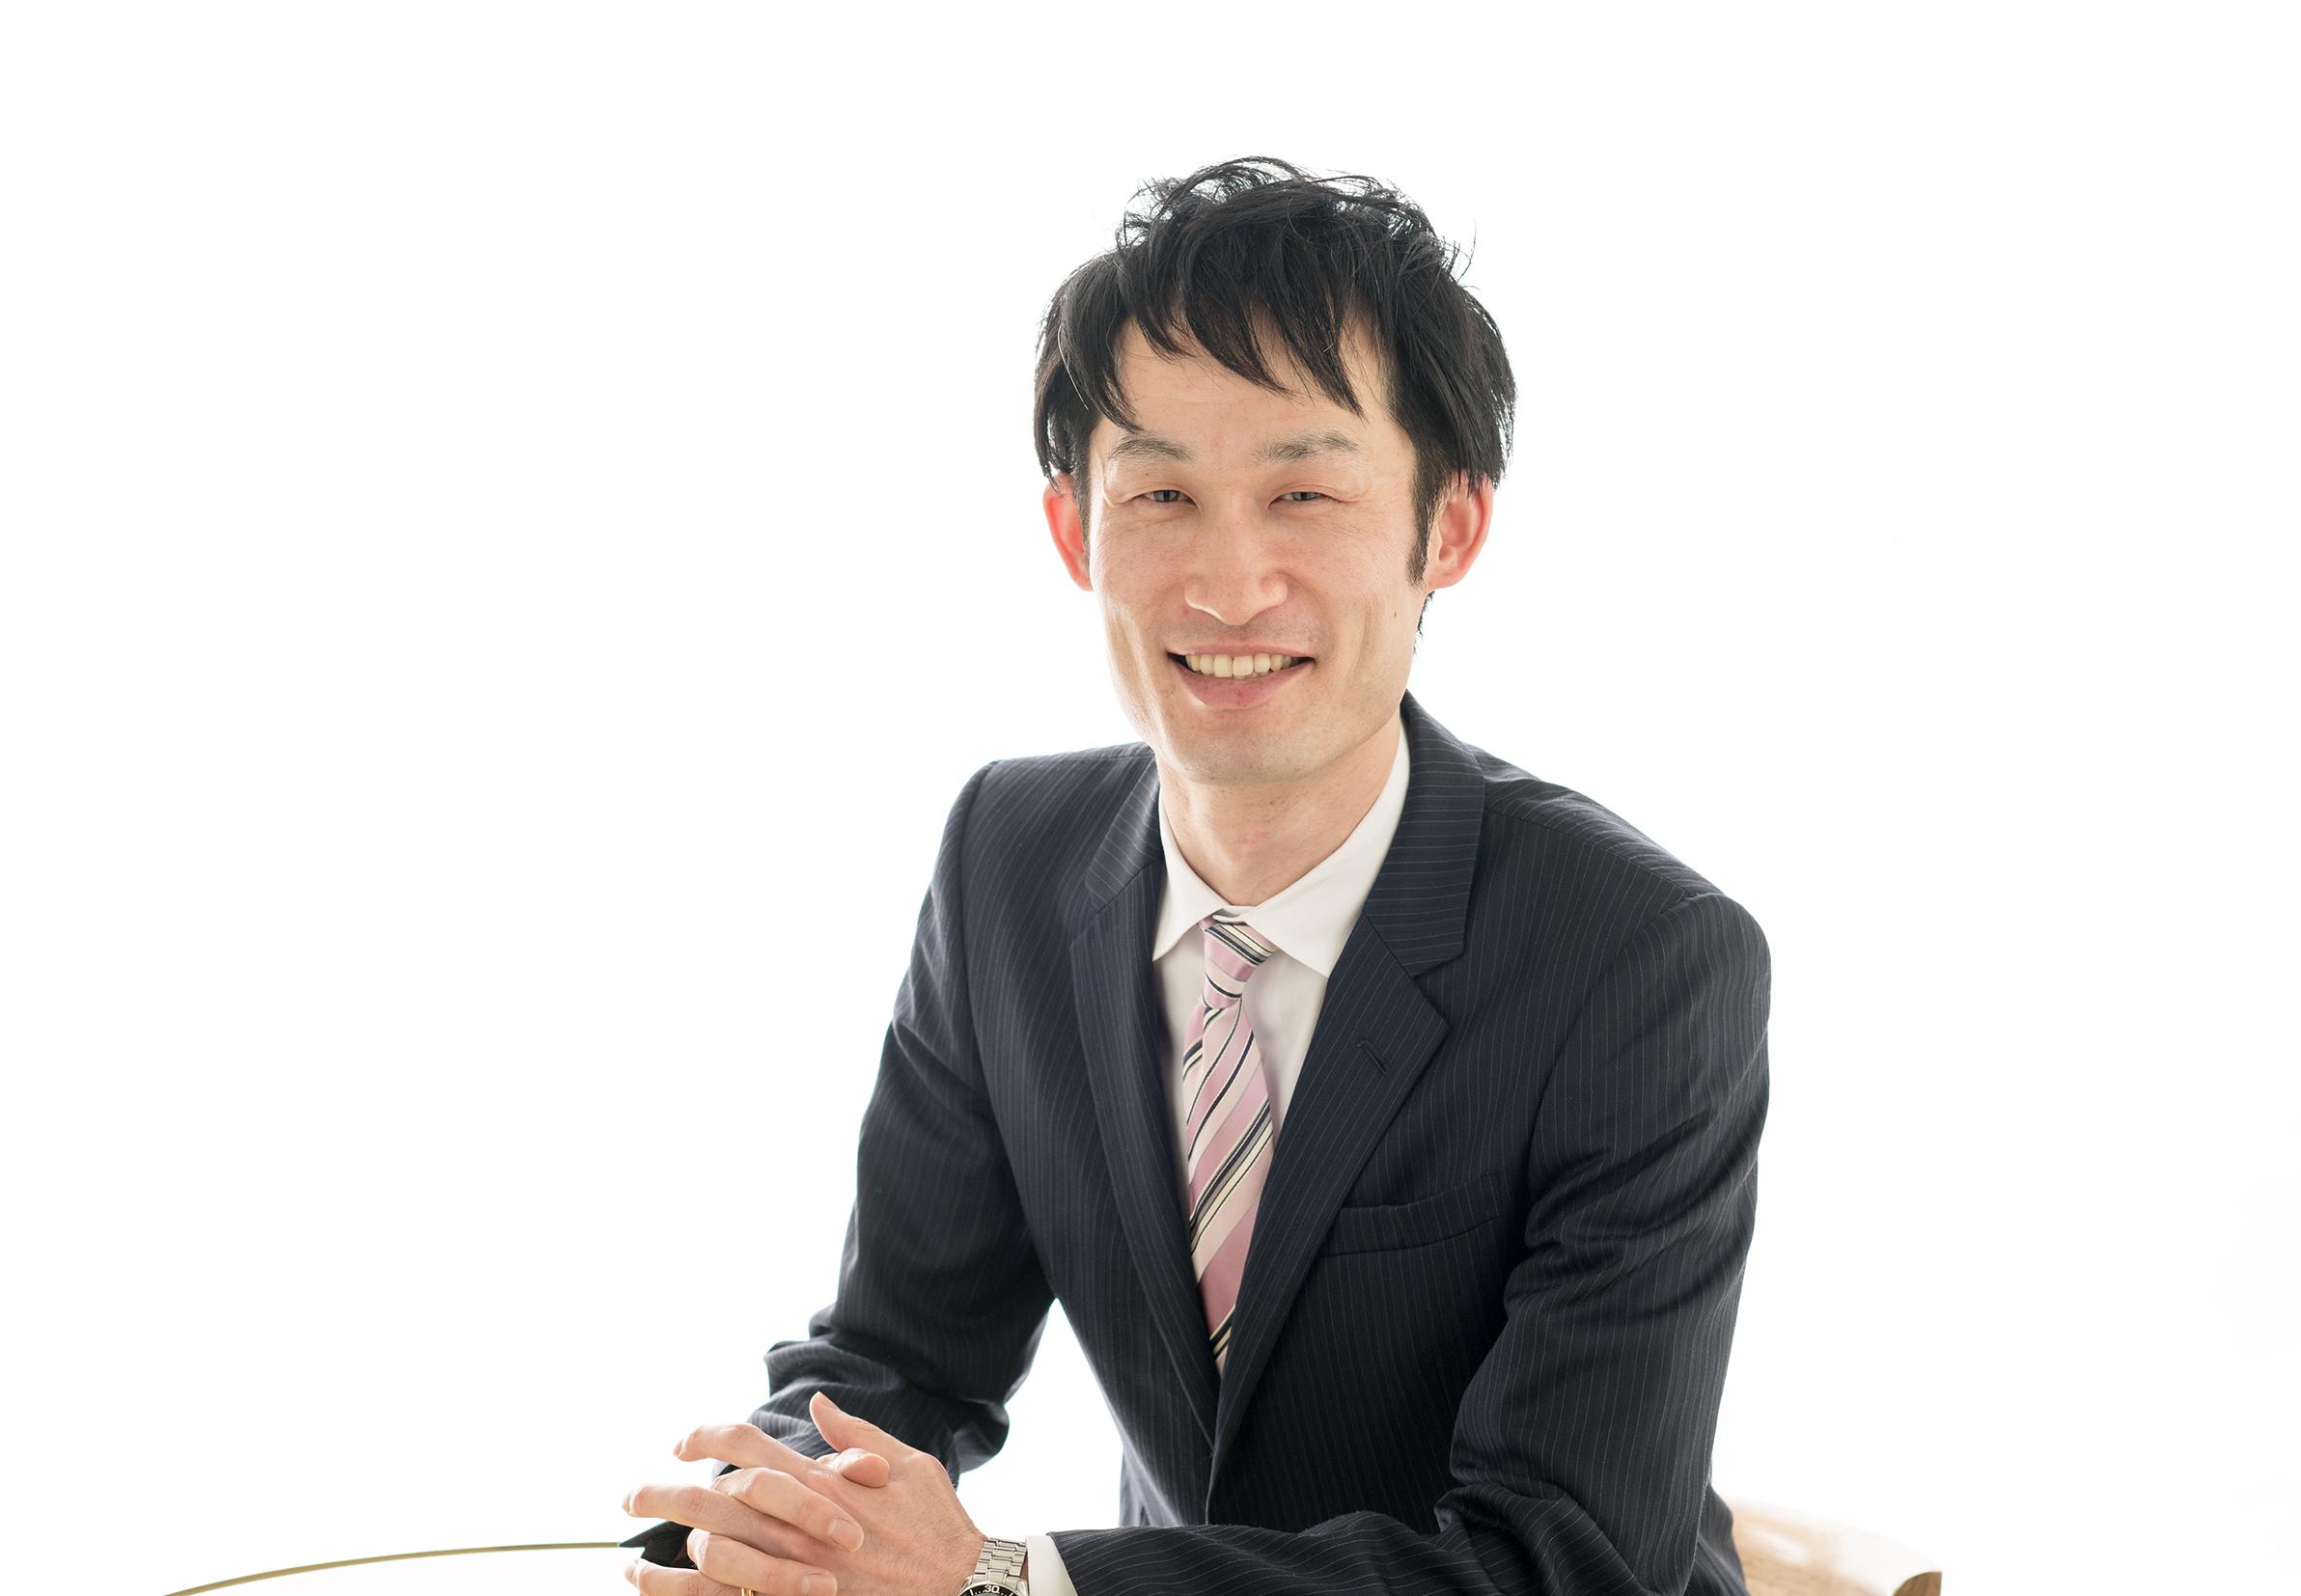 長野市の税理士|丸山 大介 公認会計士・税理士事務所